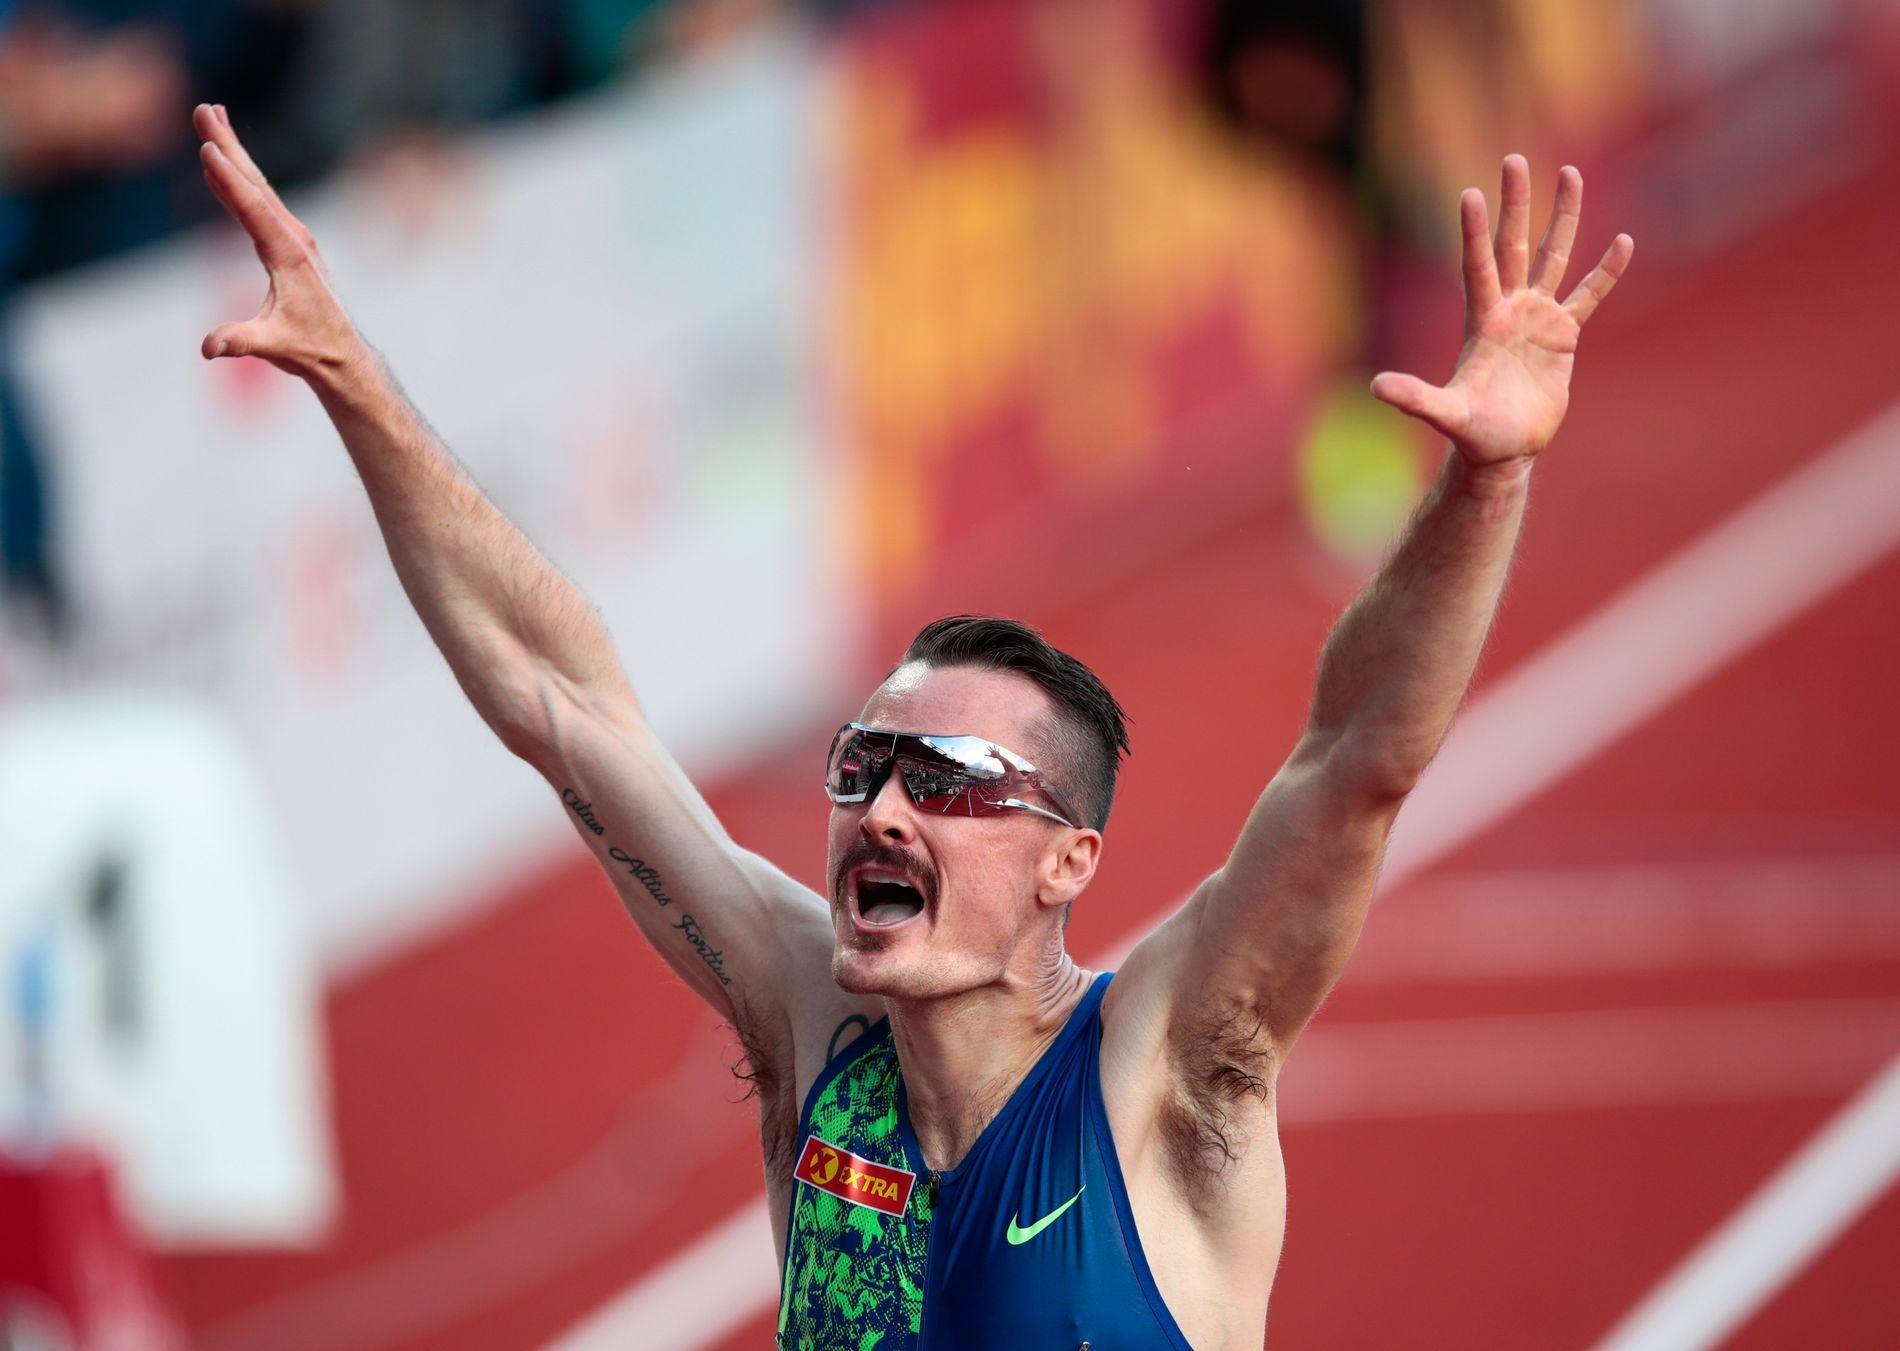 Det har ikke bare vært nedturer for Henrik Ingebrigtsen denne sesongen. Her jubler han over å ha satt ny norsk rekord på 3000 meter (7.36,85) under Bislett Games i juni.